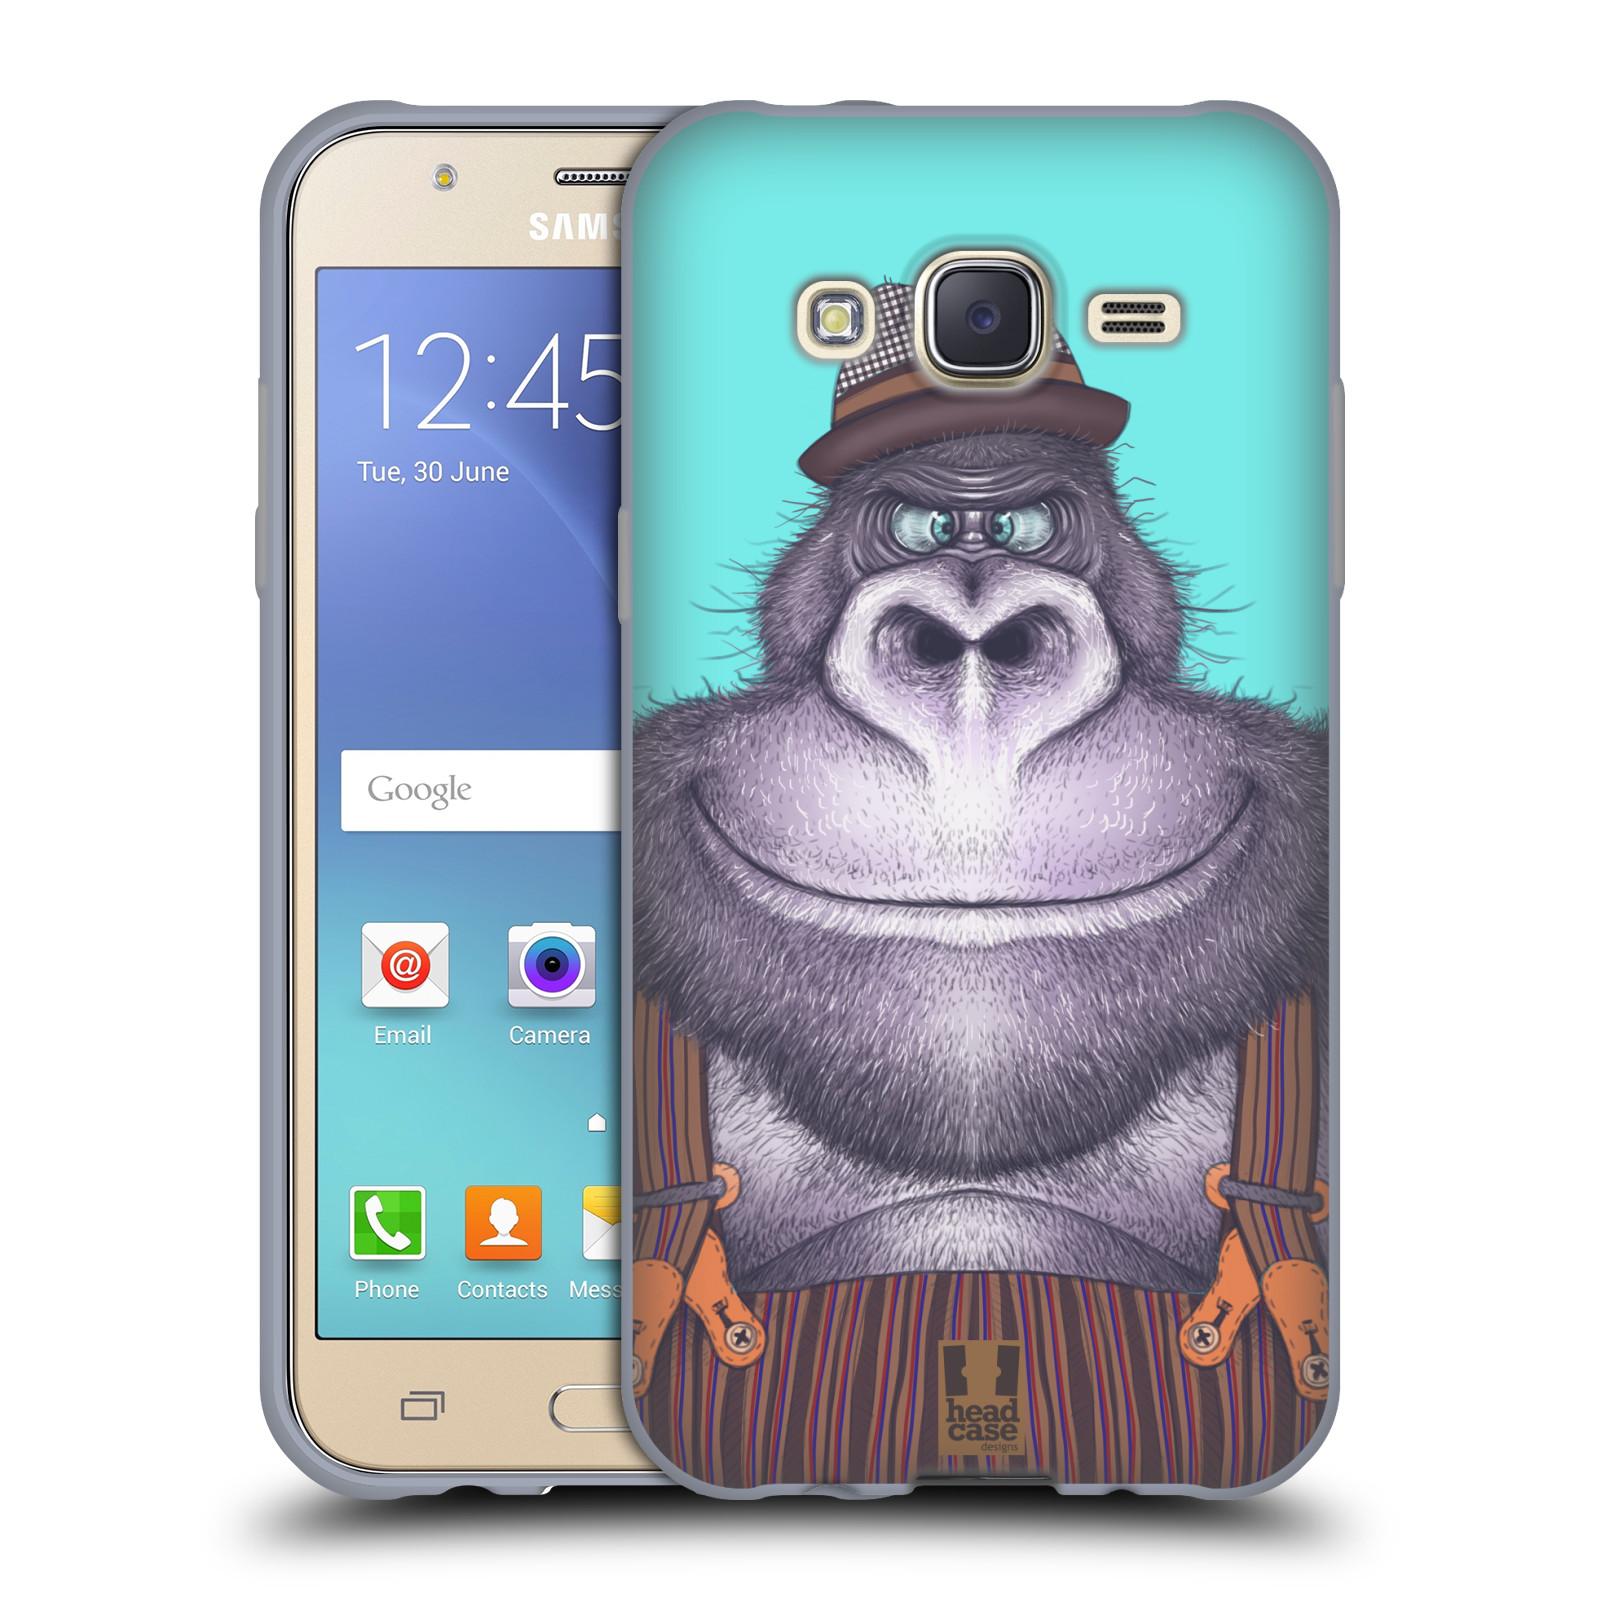 HEAD CASE silikonový obal na mobil Samsung Galaxy J5, J500, (J5 DUOS) vzor Kreslená zvířátka gorila